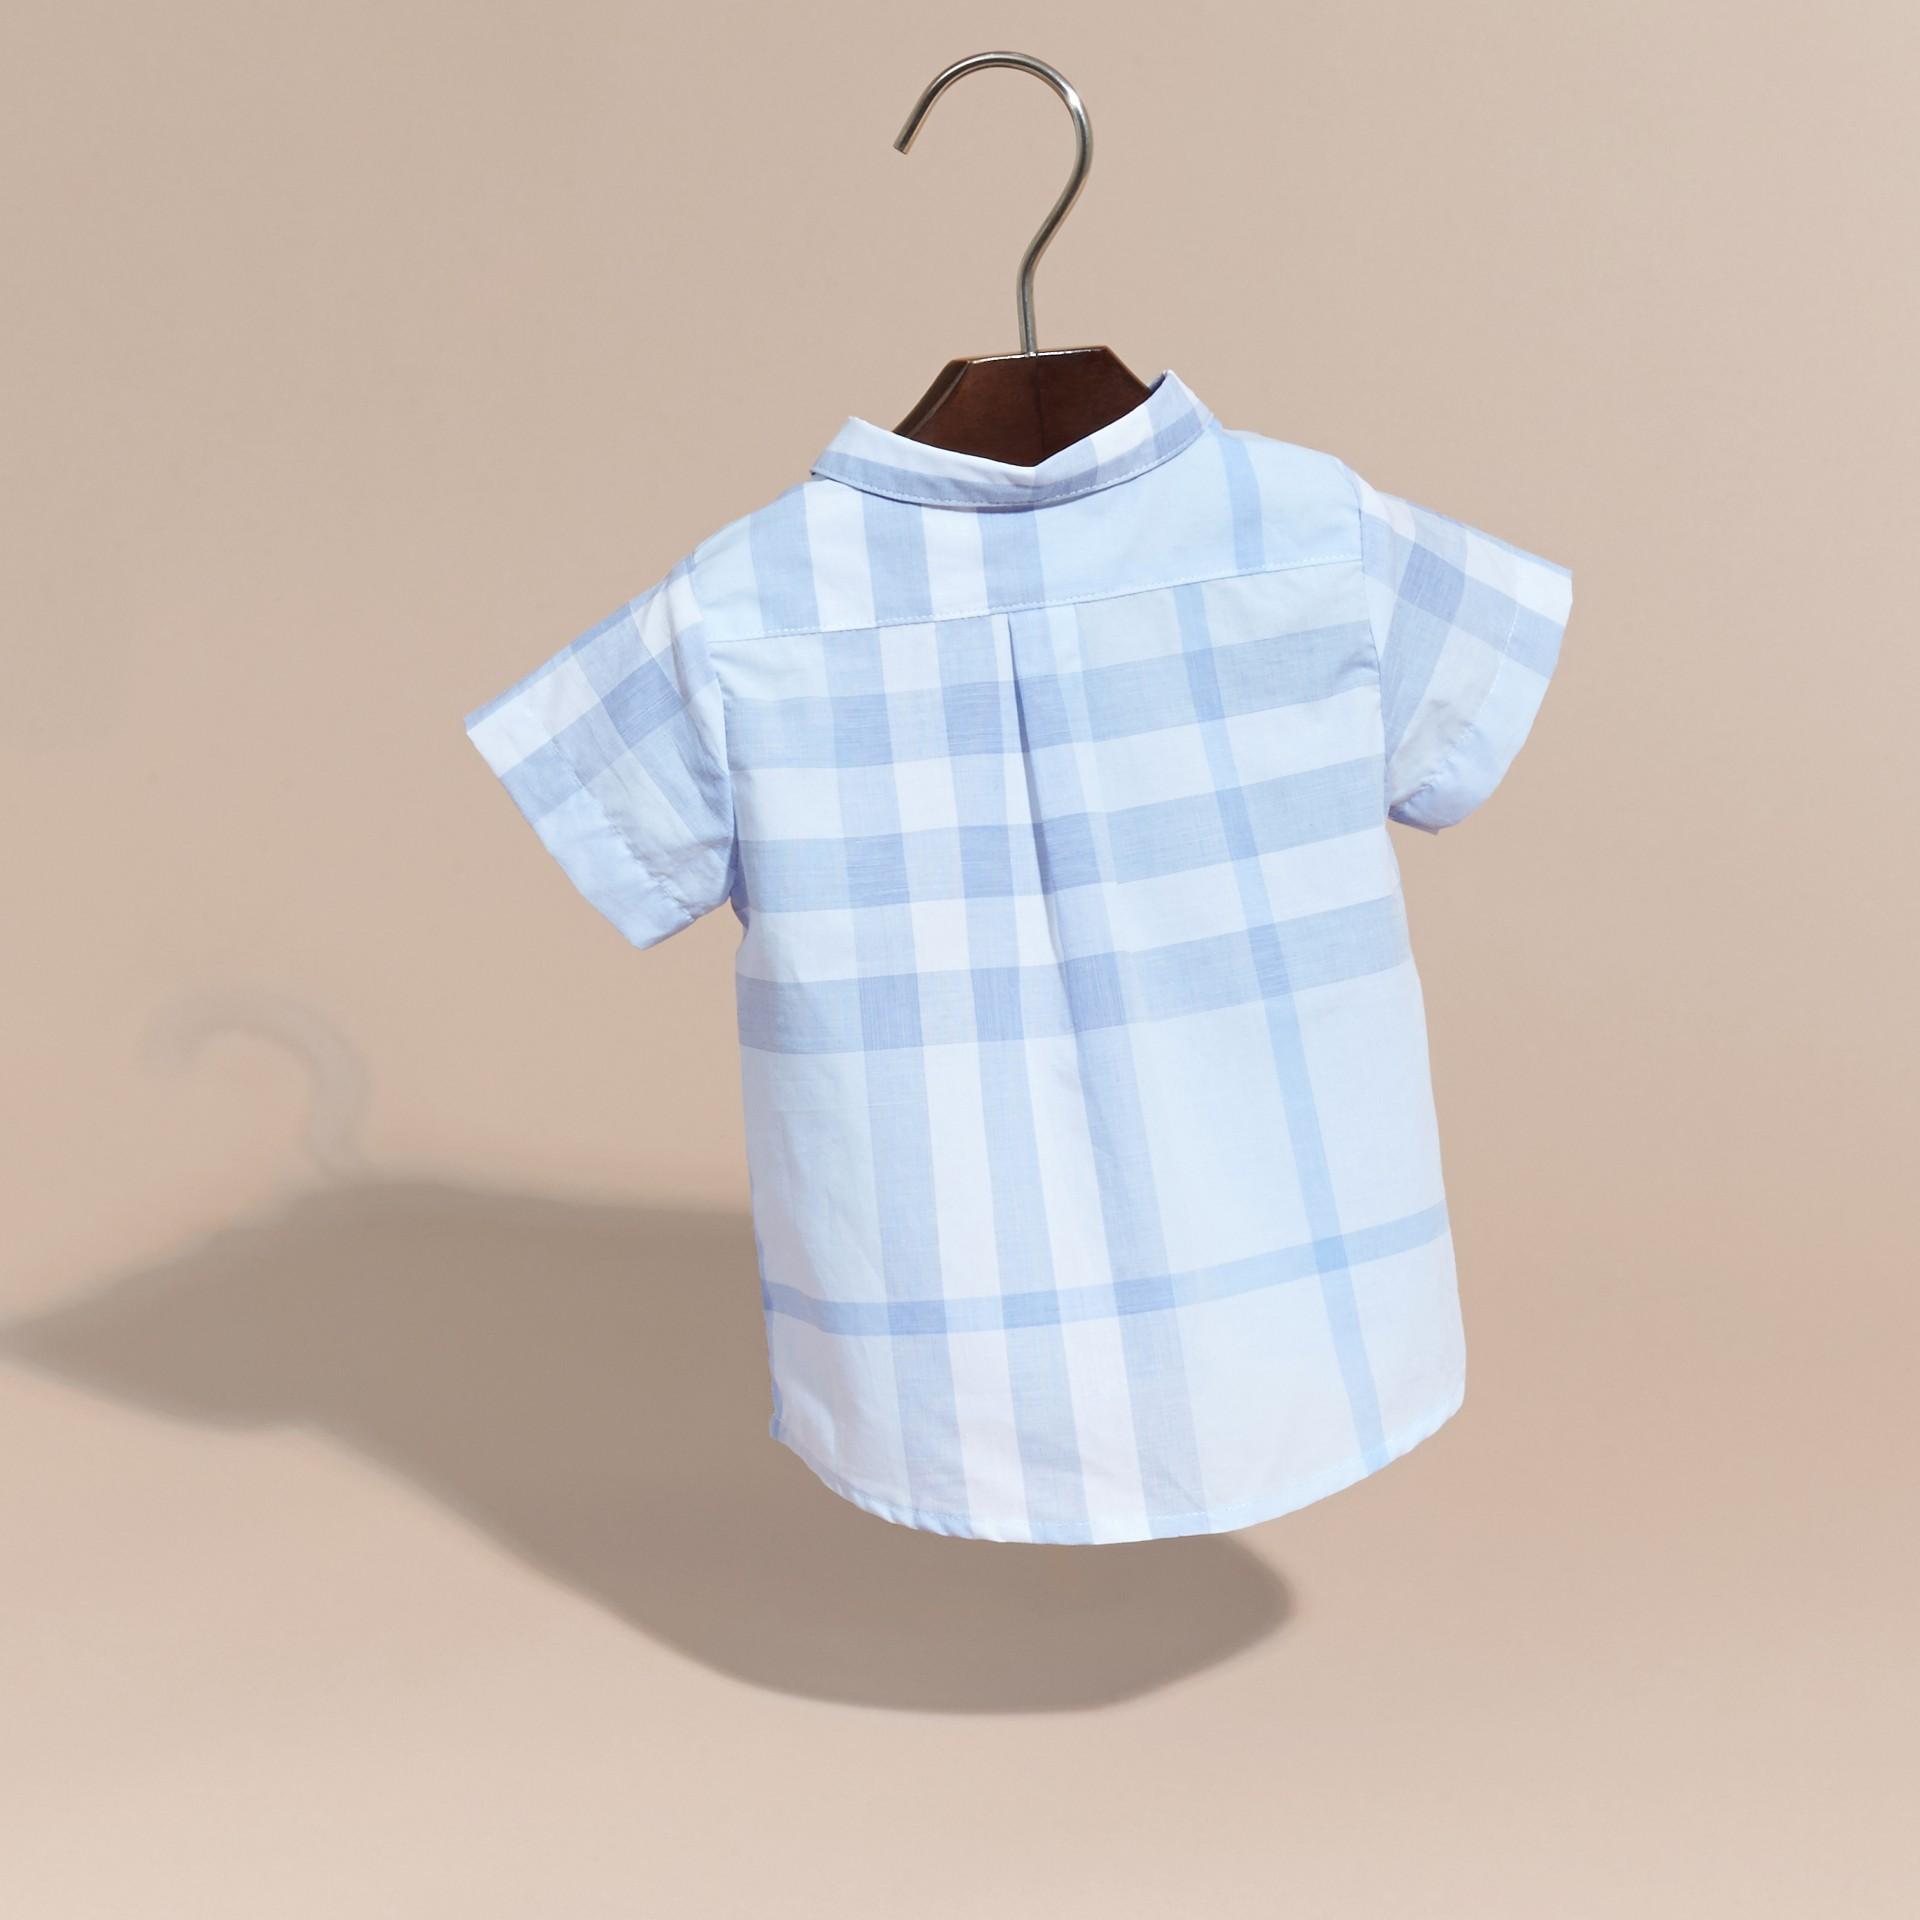 Bleu glacé Chemise en coton à manches courtes avec motif check - photo de la galerie 4